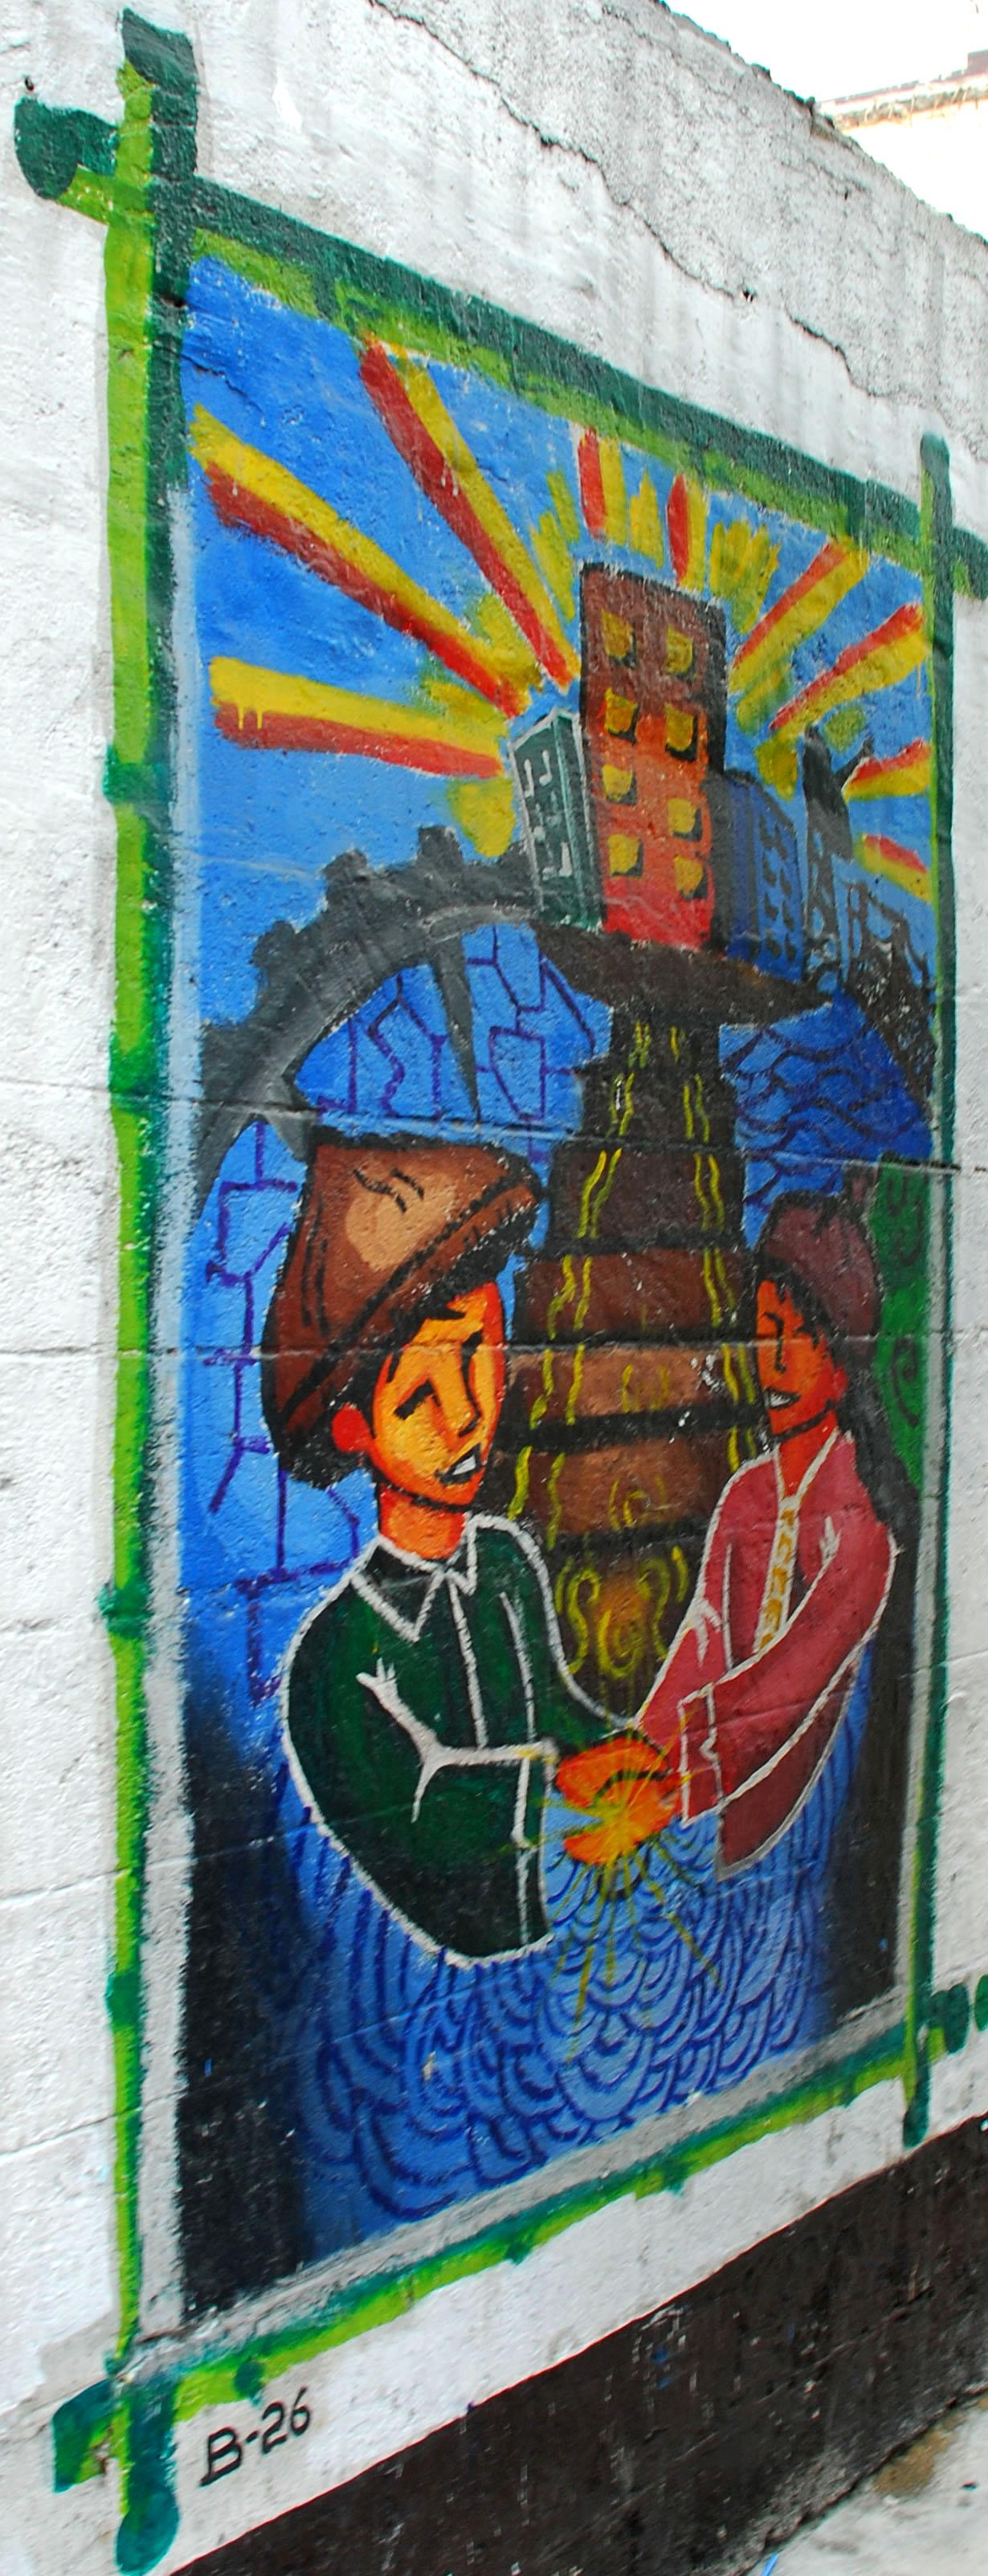 Murals Philippine Filipino Chinese Friendship Day 2007 25